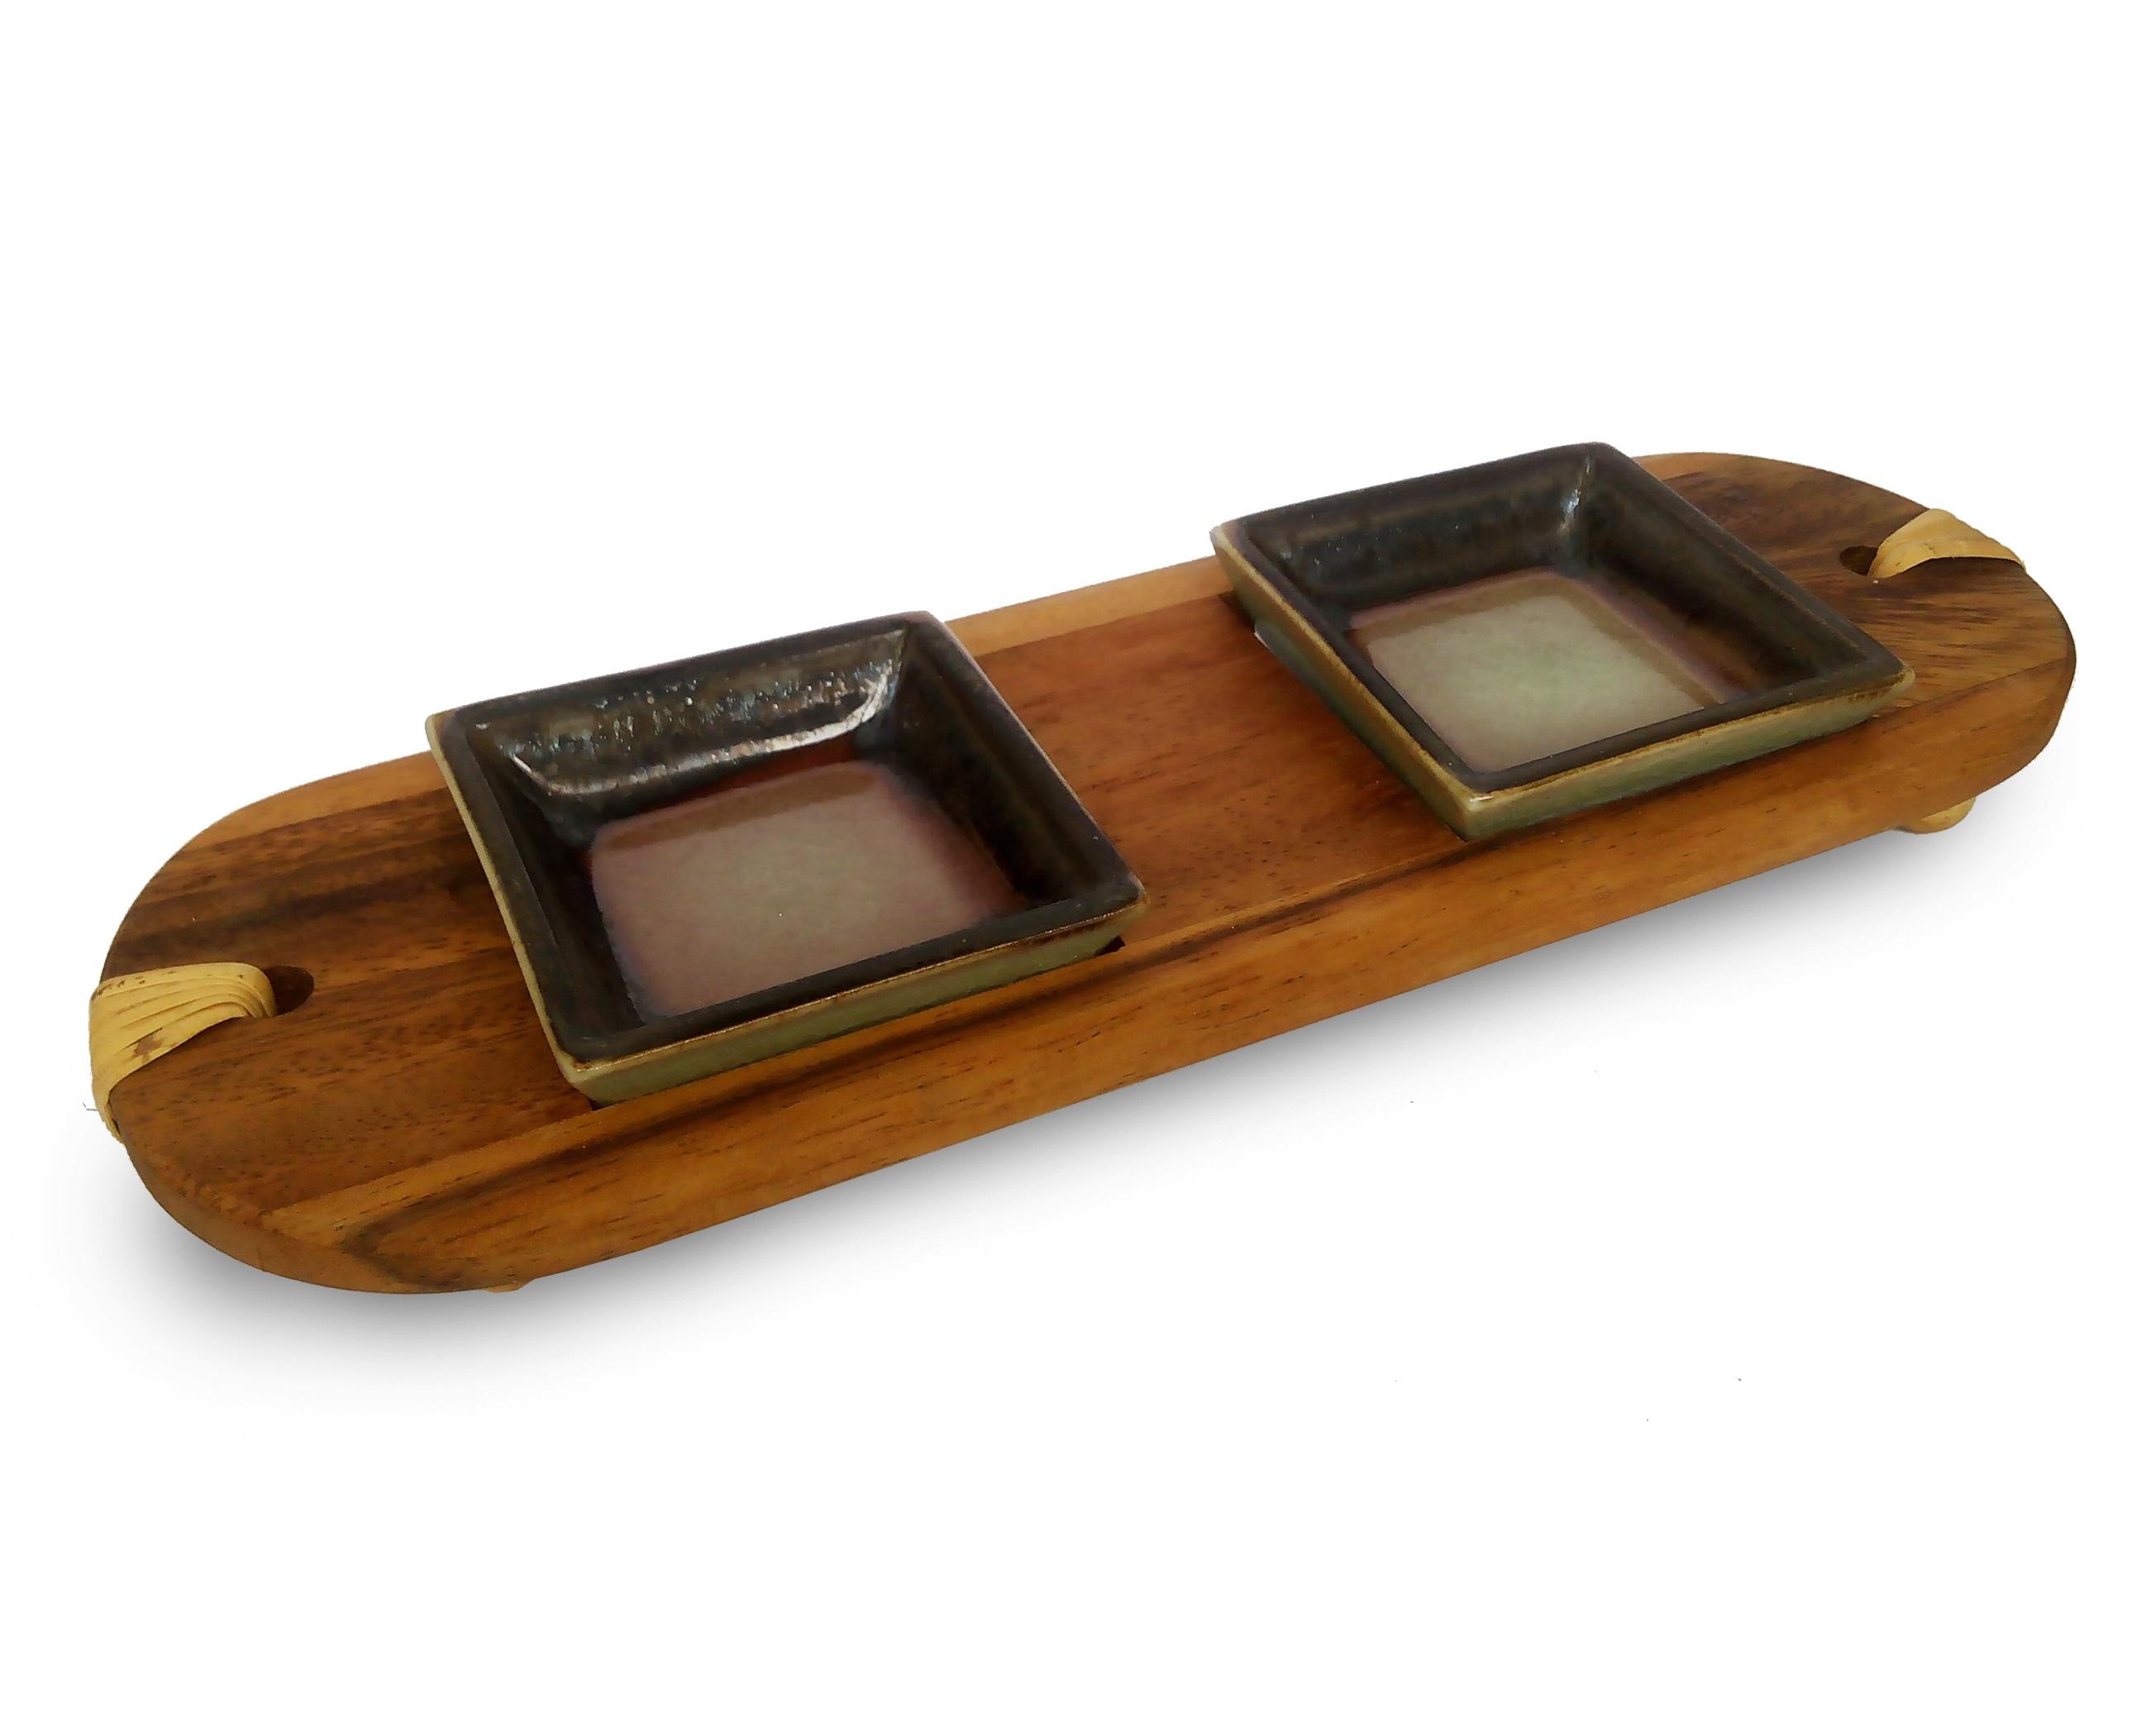 Два соусника на деревянной подставке LavaМиски и чаши<br>Дизайн коллекции &amp;quot;Lava&amp;quot; напоминает о скрытой силе спящего вулкана Пханом Рунг, который и по сей день возвышается на северо-востоке Тайланда. Все предметы из этой коллекции покрыты особой глазурью, словно стекающей с краев, как потеки раскаленной лавы.&amp;amp;nbsp;&amp;lt;div&amp;gt;&amp;lt;br&amp;gt;&amp;lt;/div&amp;gt;&amp;lt;div&amp;gt;В набор входит:&amp;amp;nbsp;&amp;lt;/div&amp;gt;&amp;lt;div&amp;gt;соусник - 2 шт - длина 6 см., ширина 6 см., высота 2 см.,&amp;amp;nbsp;&amp;lt;/div&amp;gt;&amp;lt;div&amp;gt;деревянная подставка - 1 шт - длина 24 см., ширина 9 см., высота 2,5 см. &amp;lt;/div&amp;gt;<br><br>Material: Керамика